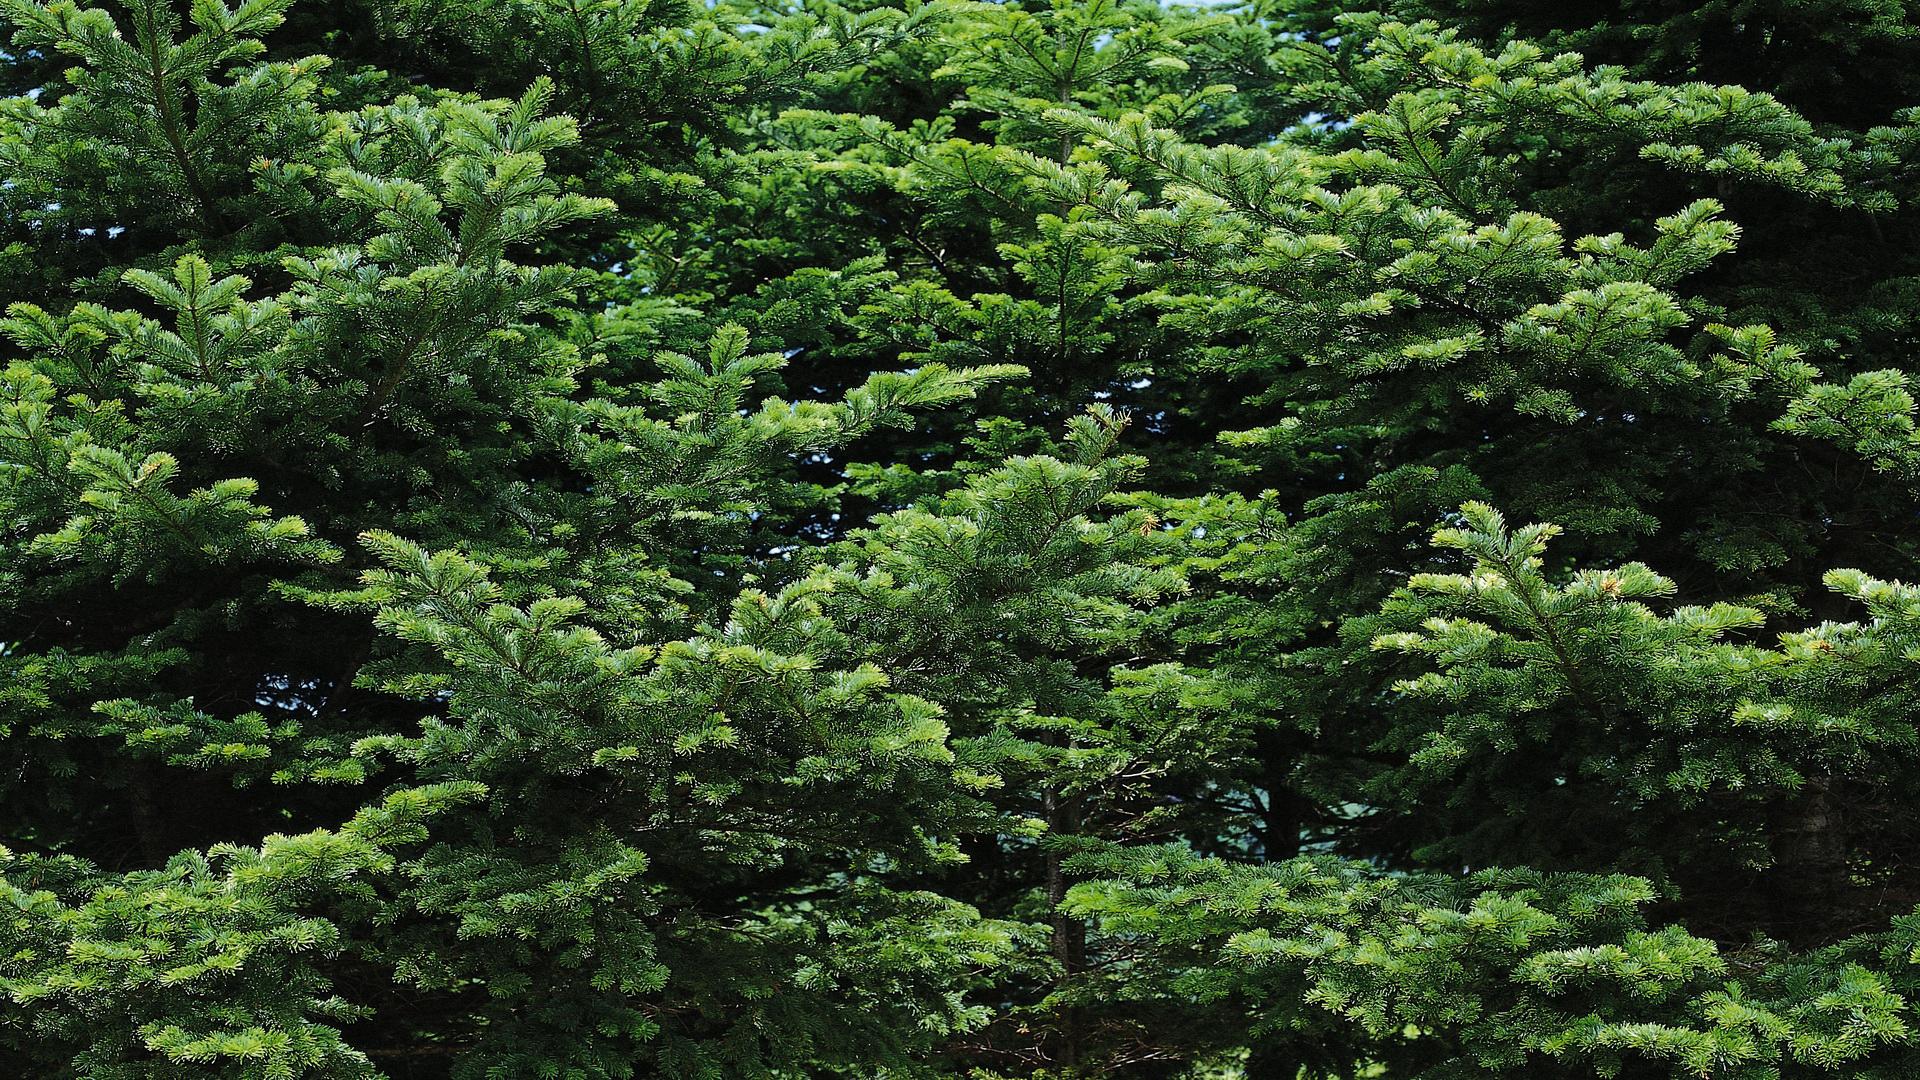 Фото природы. Многоликая природа в HD качестве. альбоме, Фотографии, «Многоликая, природа, ЯндексФоткахltmore, dodjik007, HDкачестве, природы, Серия, здравствуйте, продолжается, скромная, обоев, подборка, привет